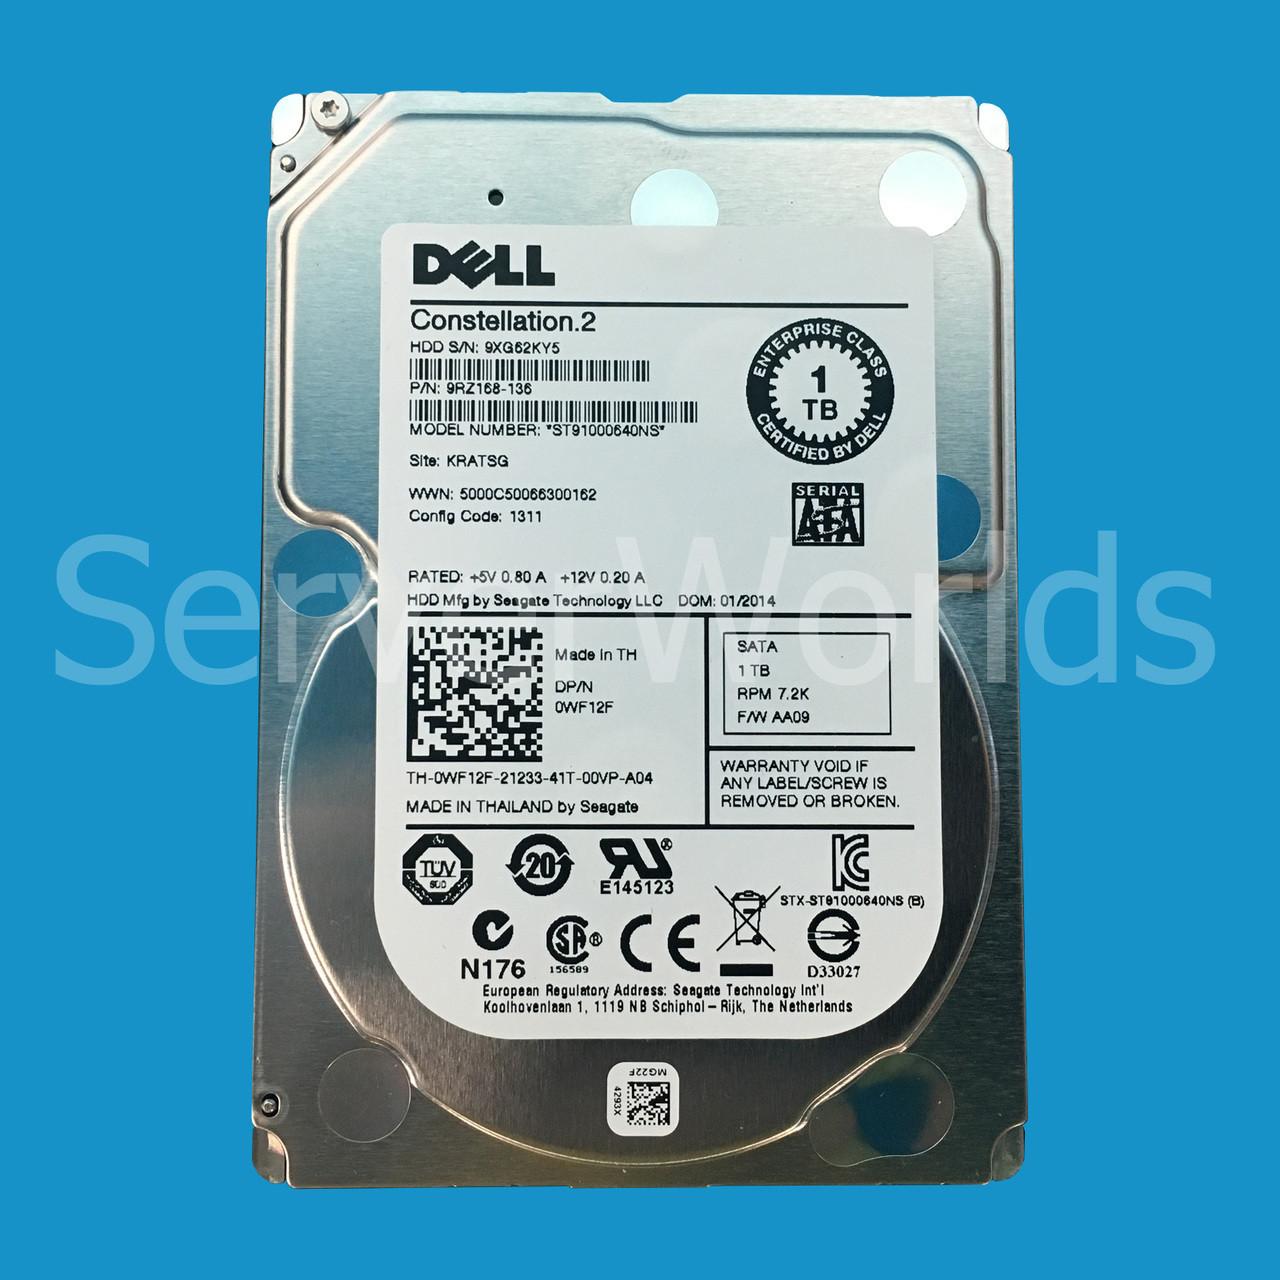 Dell WF12F | ST91000640NS | 9RZ168-136 - Serverworlds